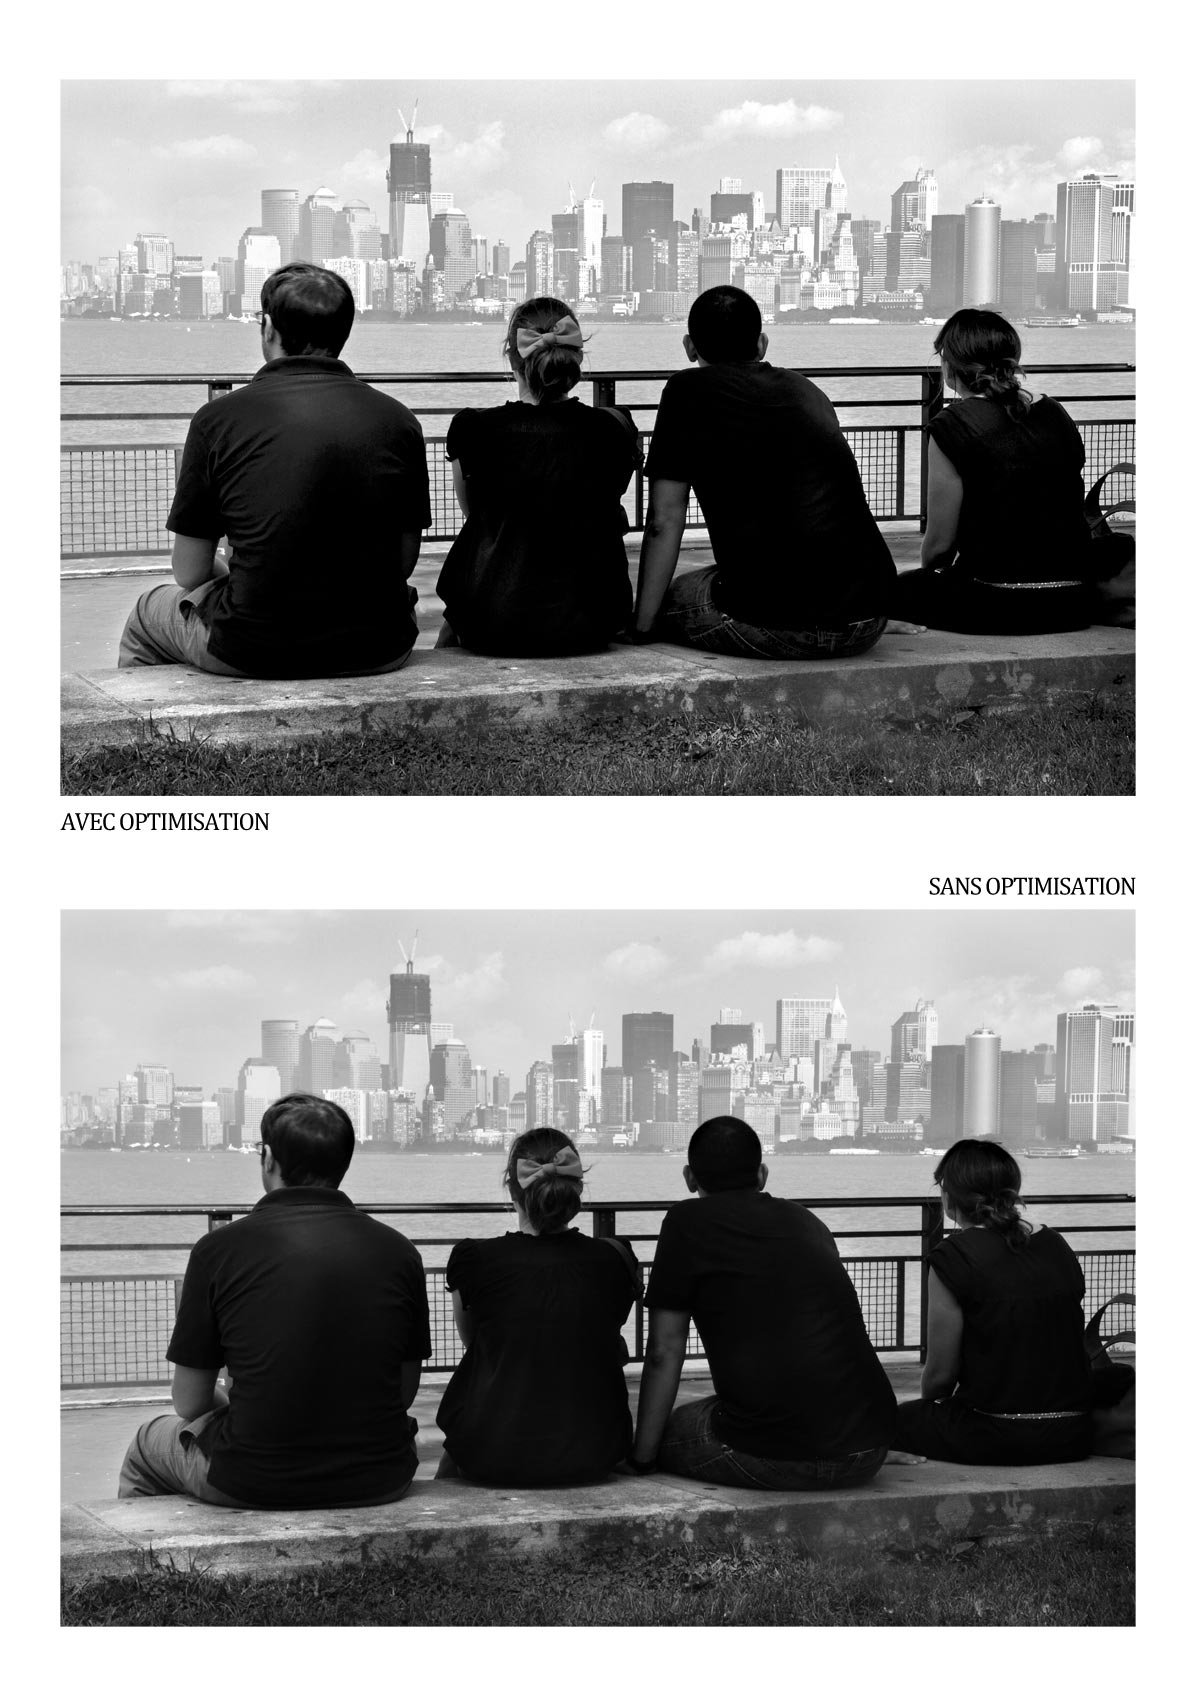 Comparaison de deux images (une optimisée selon épreuvage et l'autre non) / NYC view